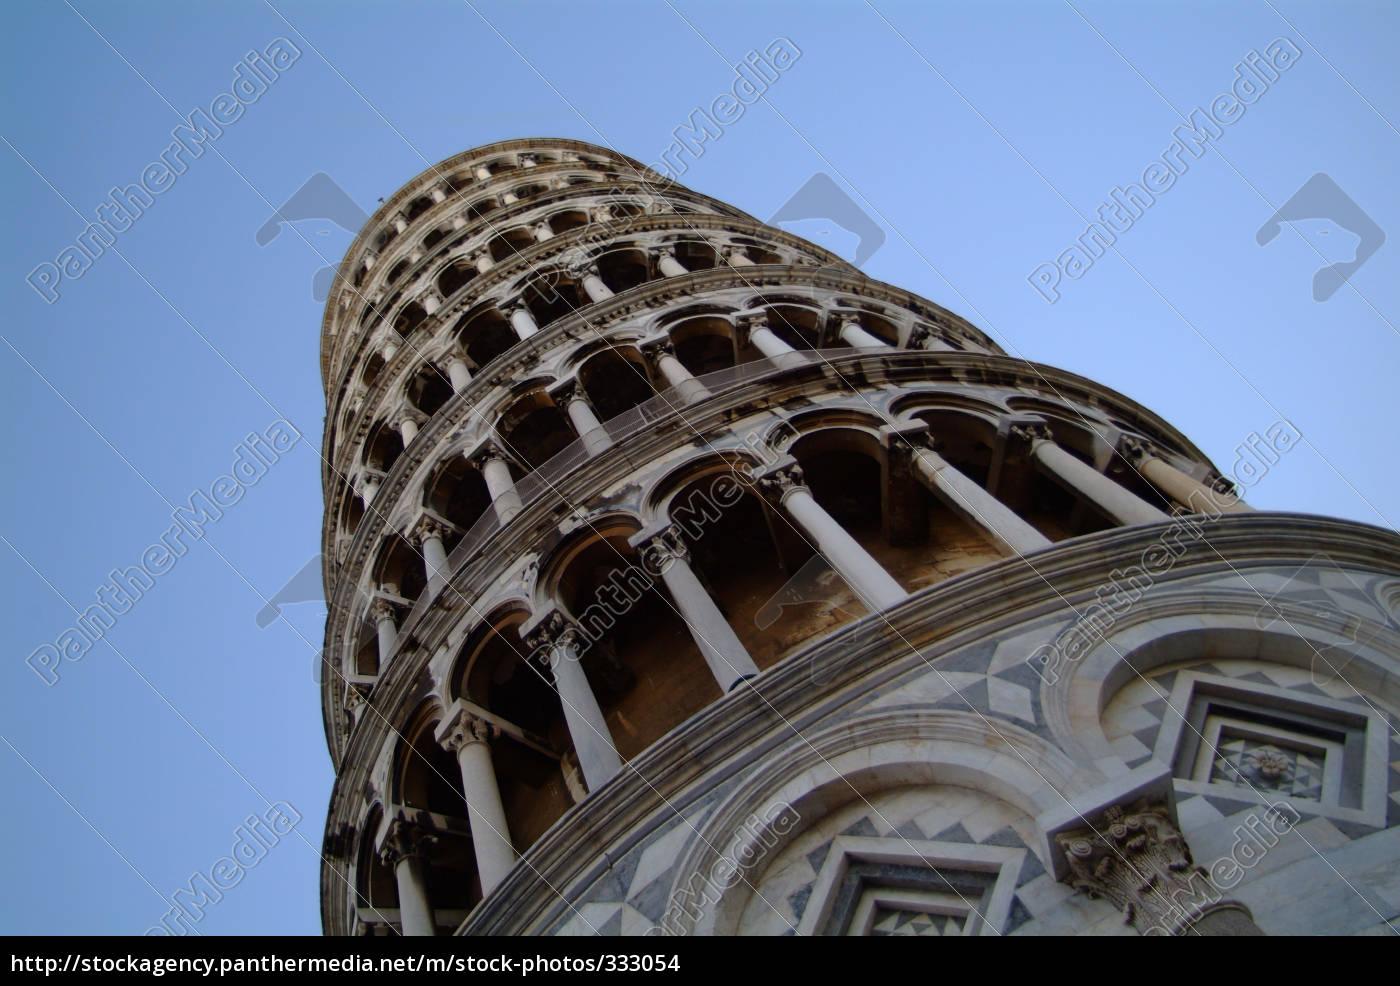 pisa, tower, church, 4 - 333054